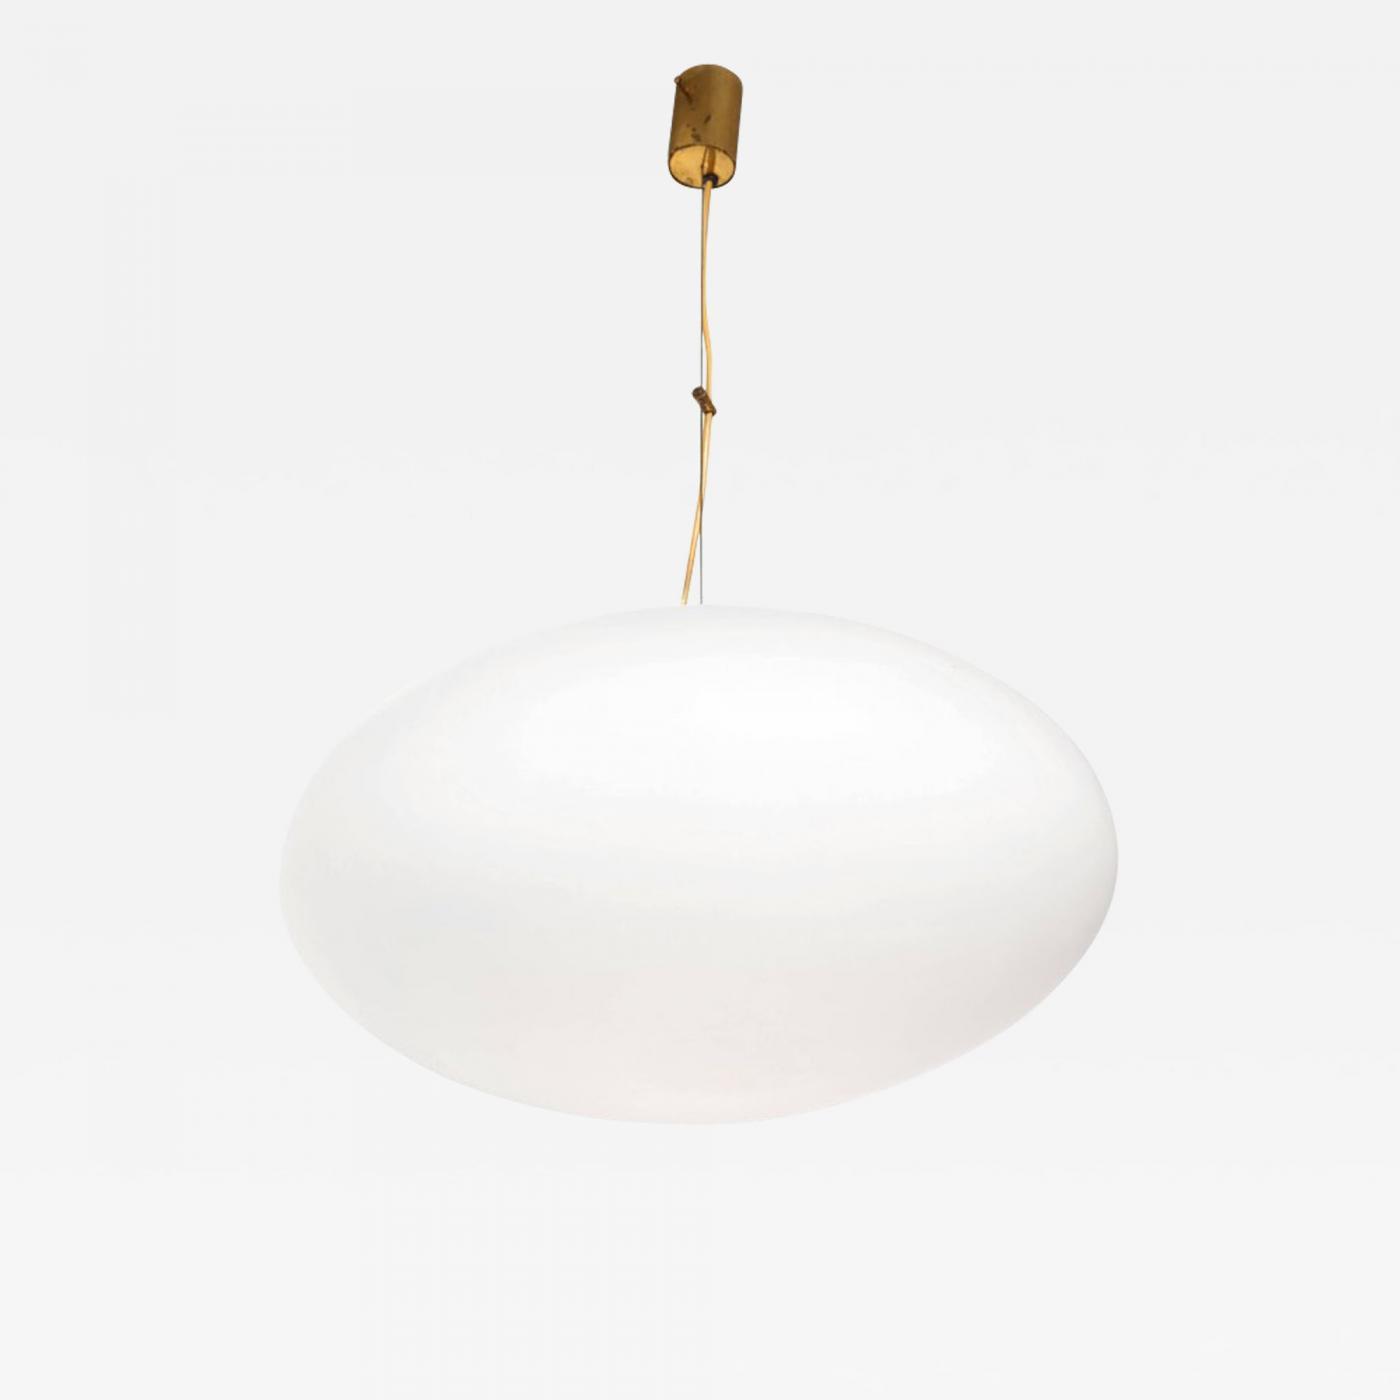 Stilnovo stilnovo mid century oval pendant light listings furniture lighting chandeliers and pendants aloadofball Images